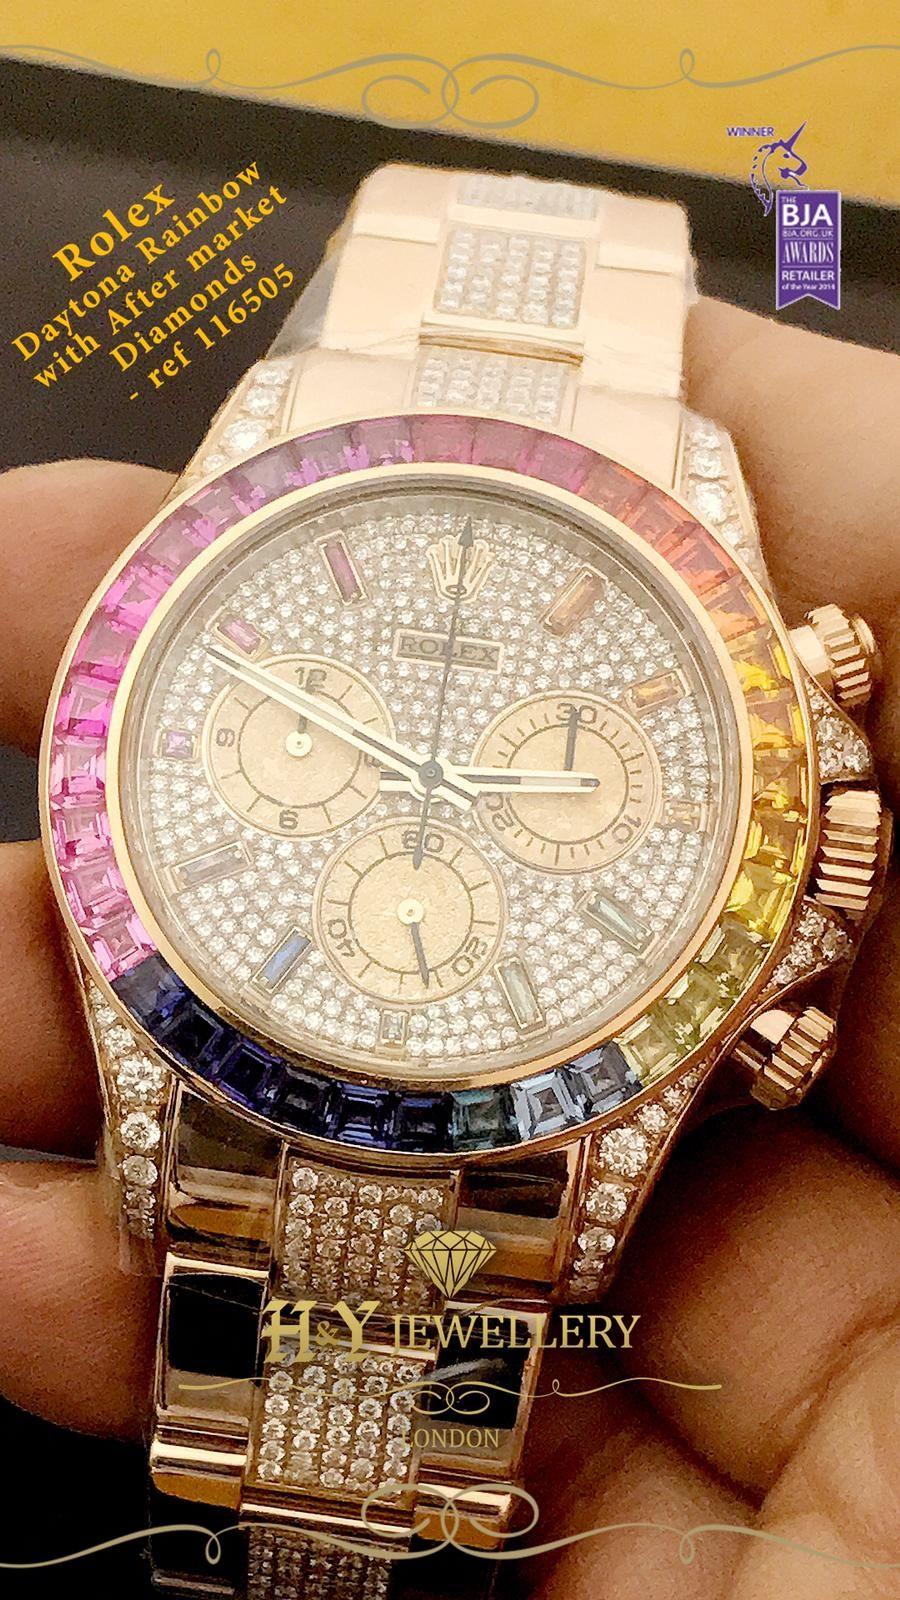 rolex daytona rainbow diamond watch